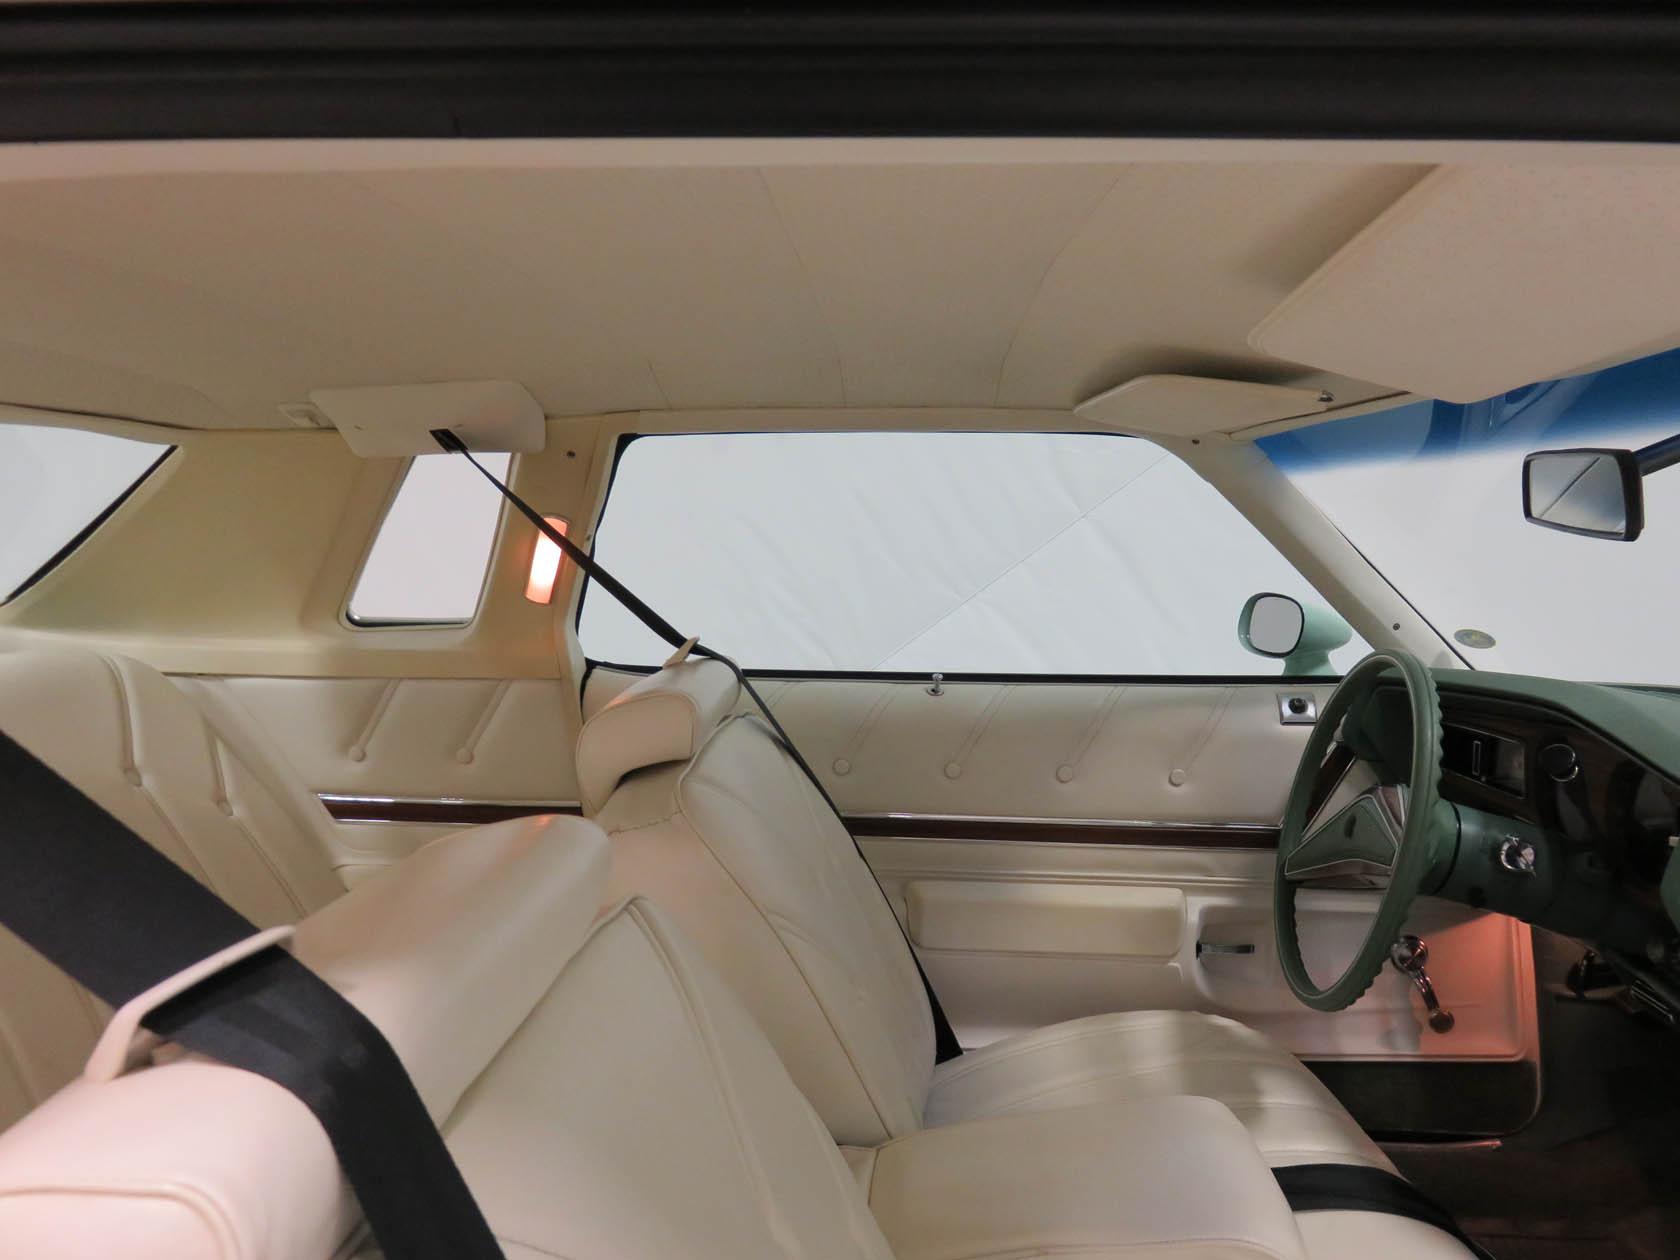 Michael Esposito - 1974 Oldsmobile Cutlasss Supreme 408